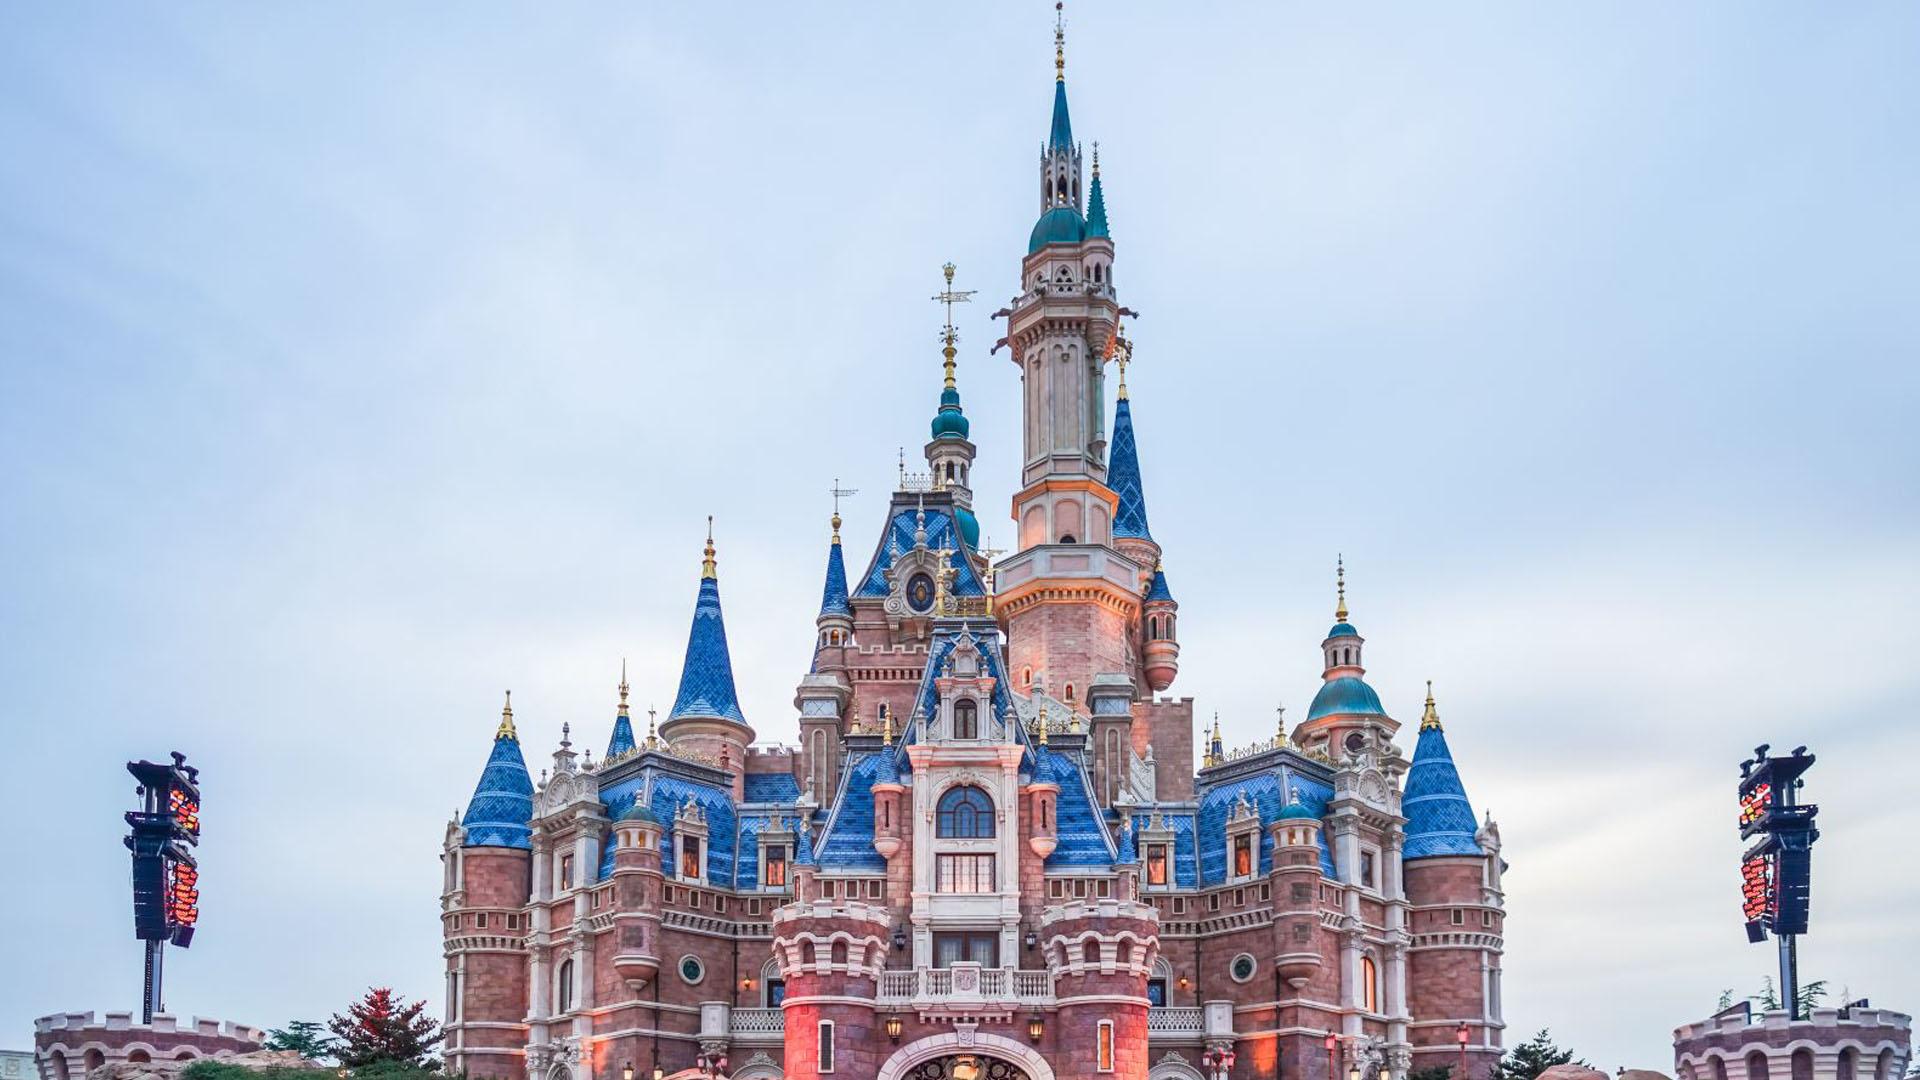 上海迪士尼城堡—风景图片—美图美秀